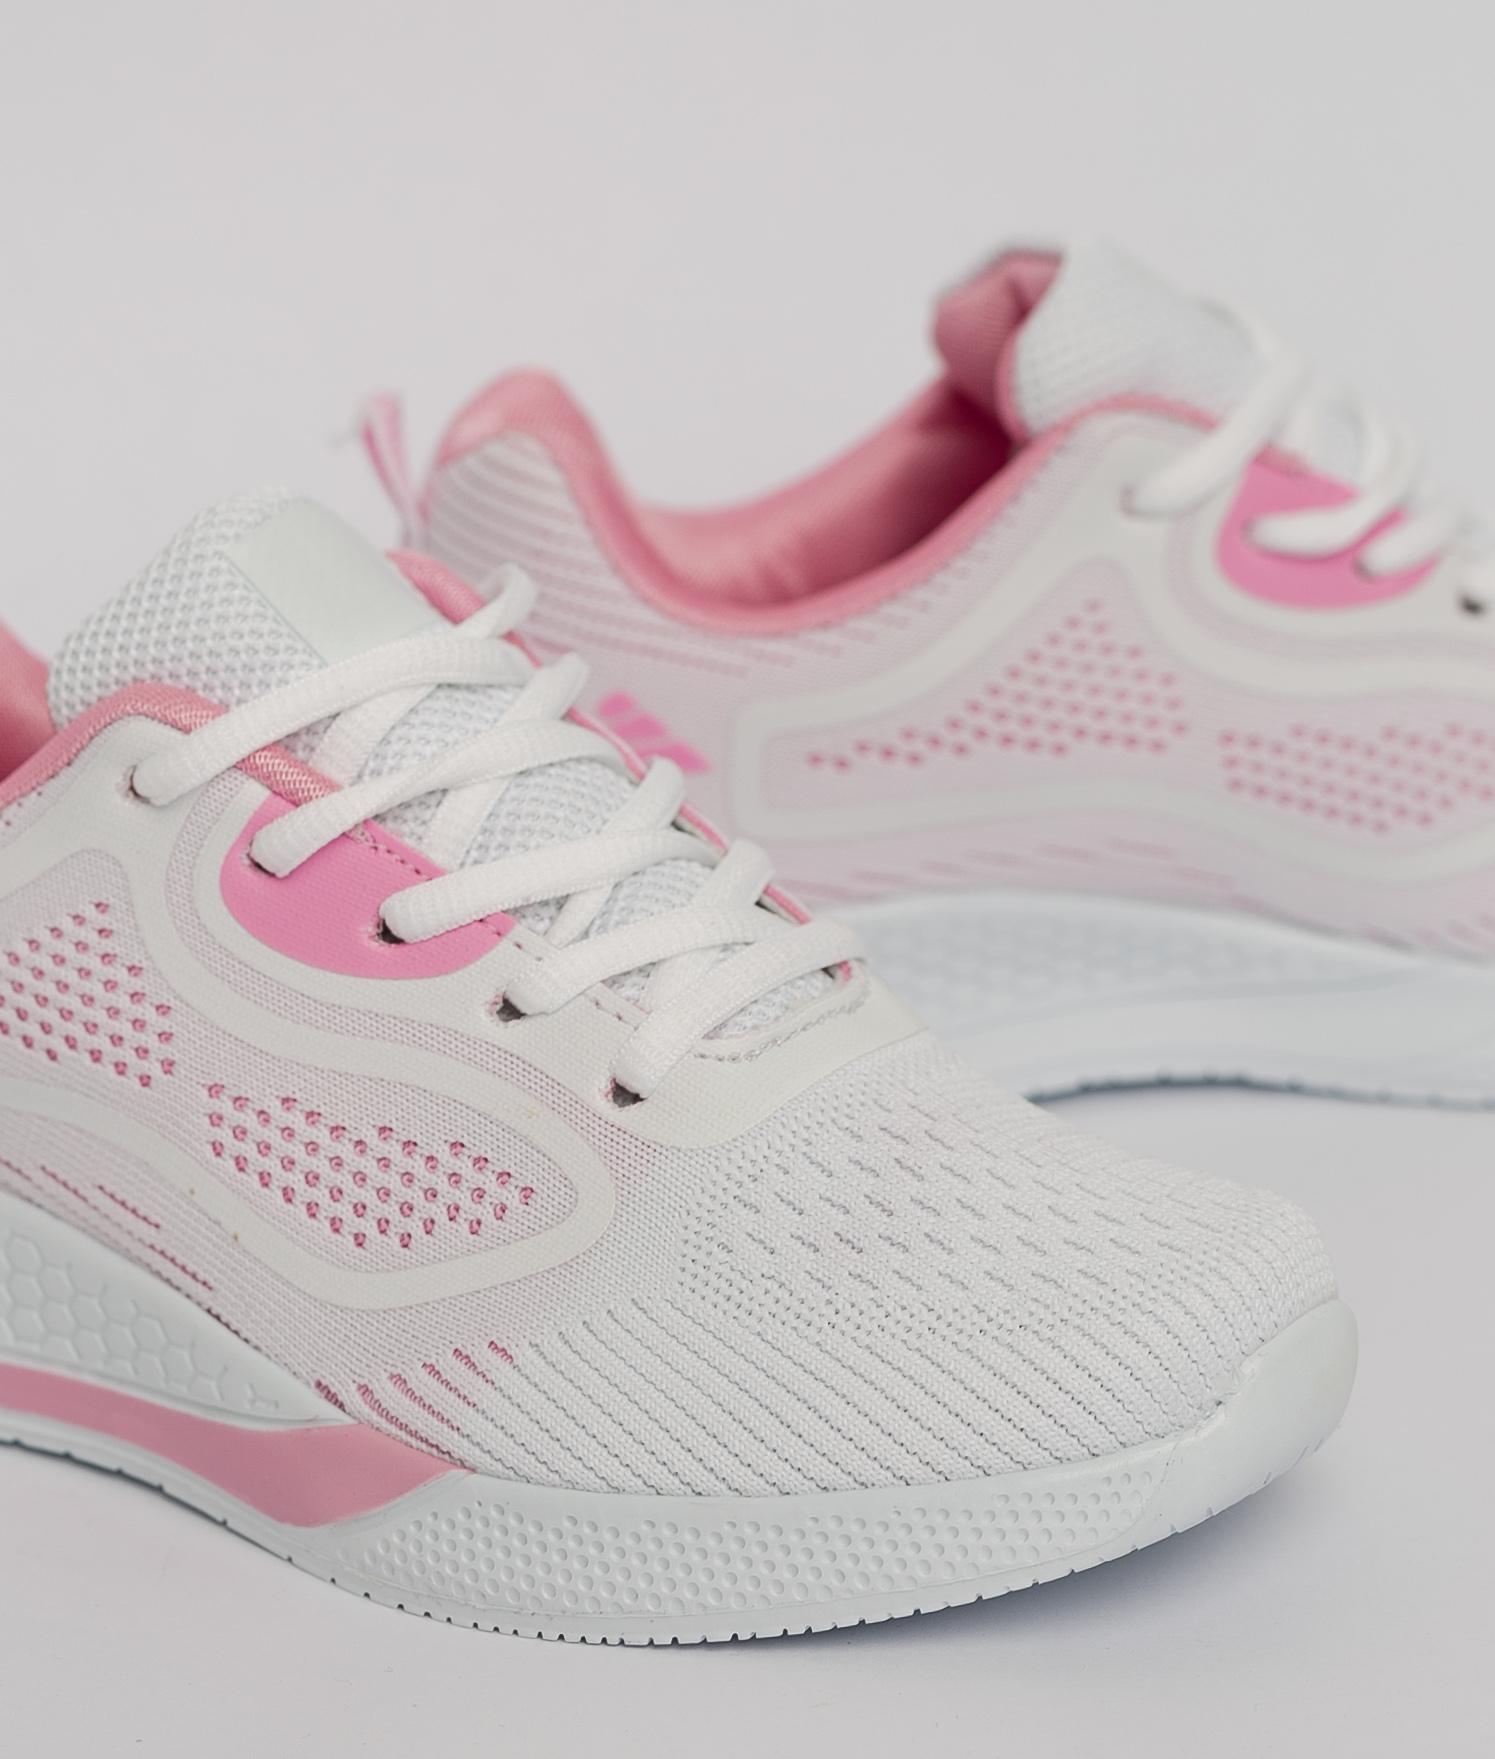 Sneakers Sirena - Branco/Rosa